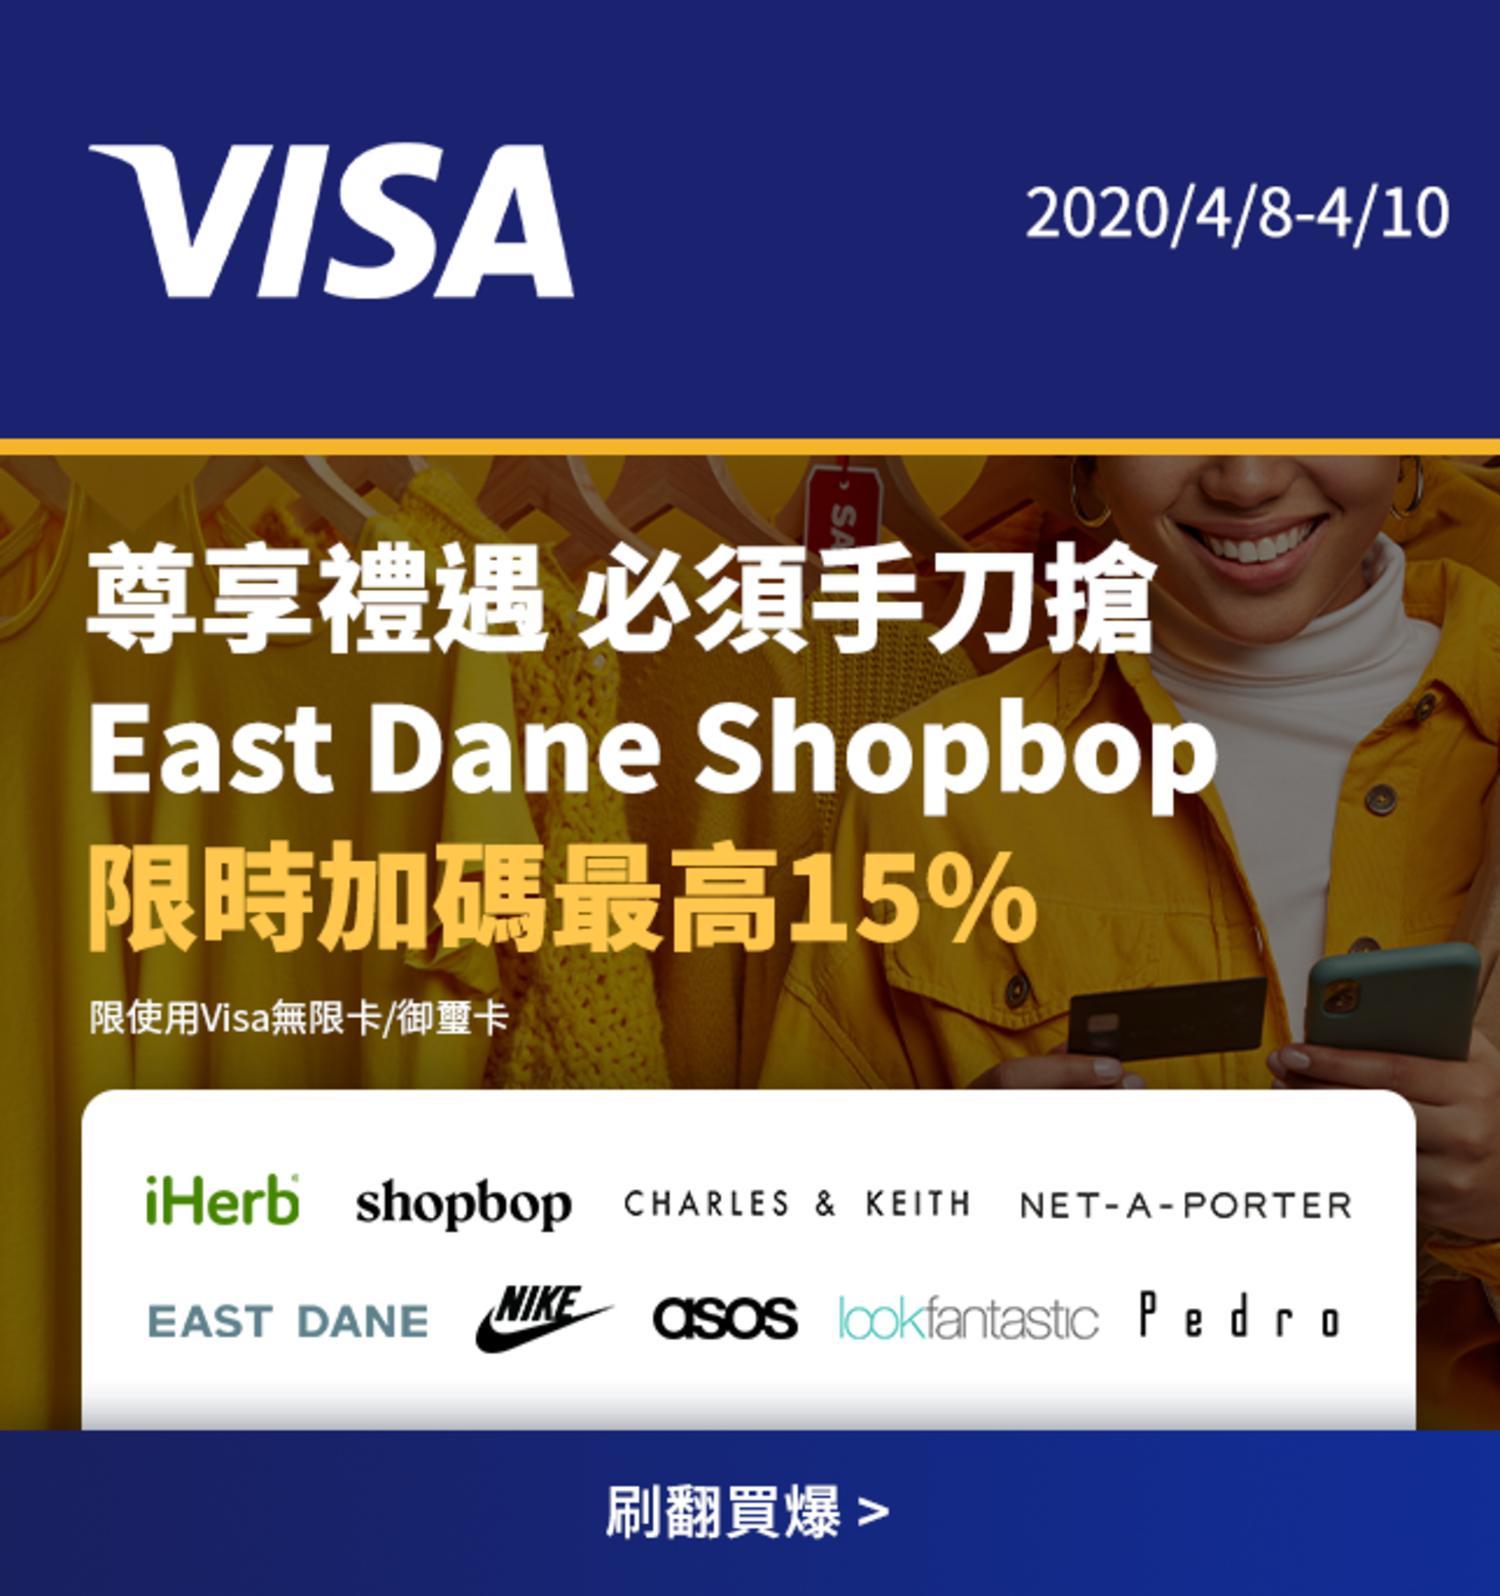 Visa 4/8-4/10